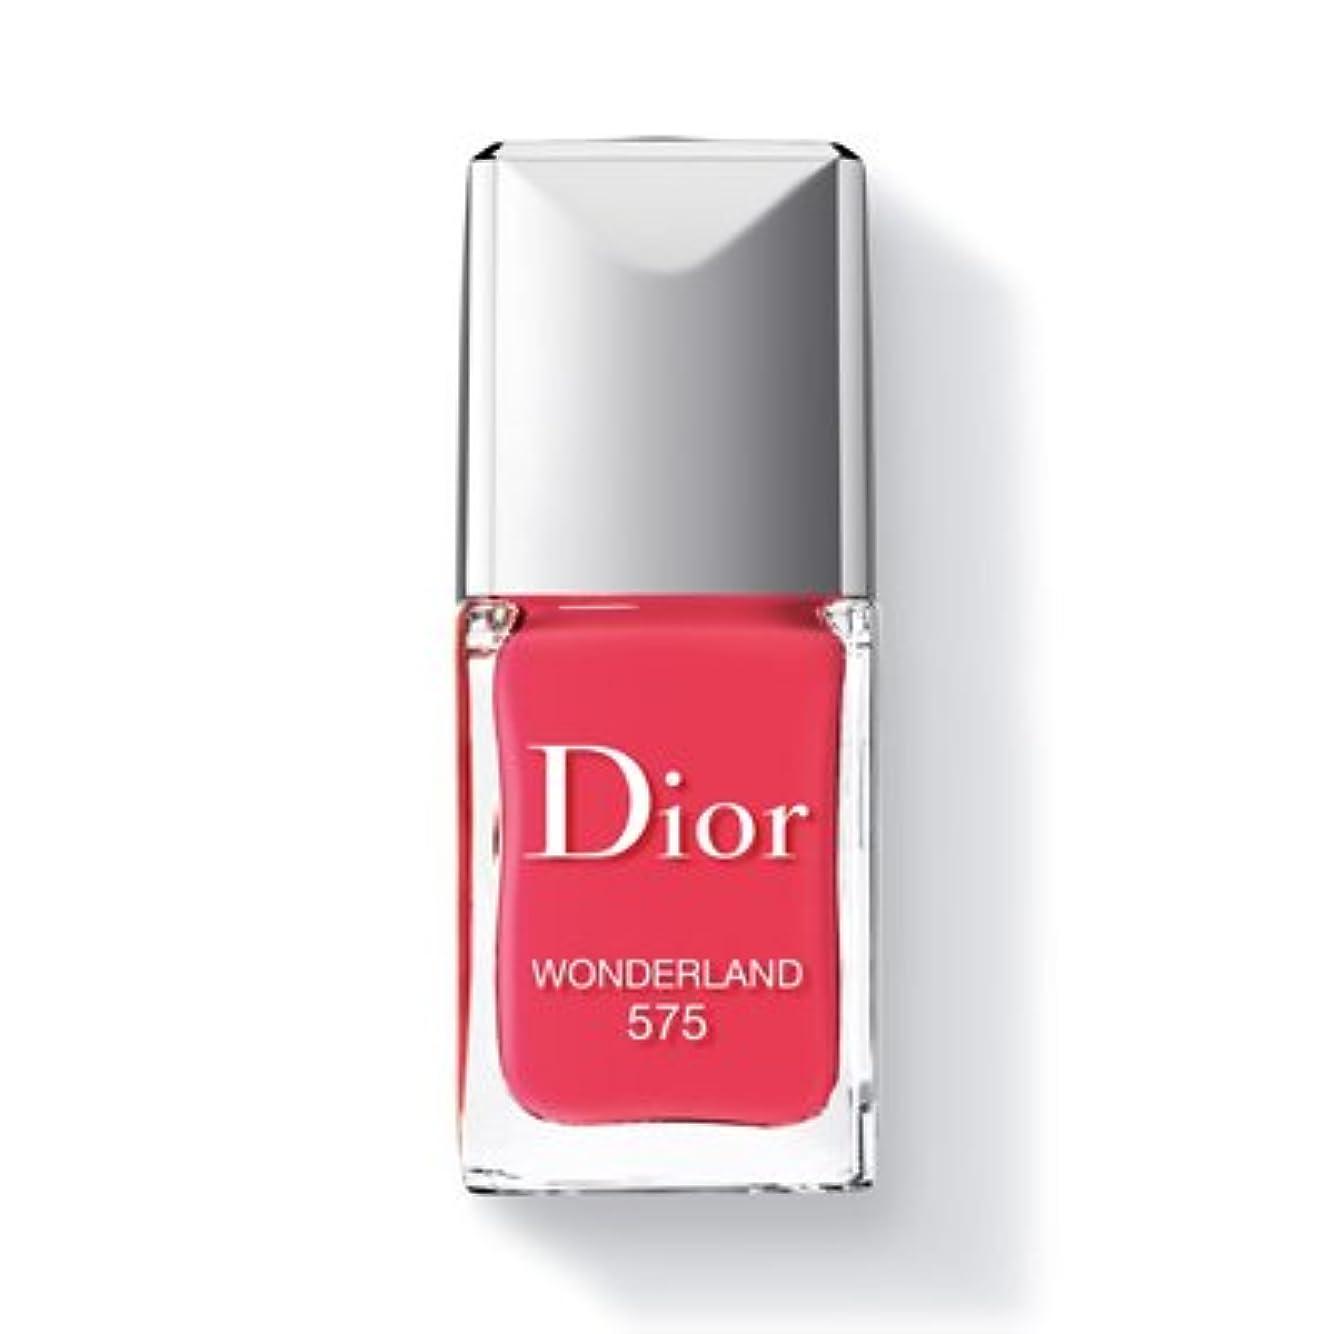 フロント赤赤外線Christian Dior クリスチャン ディオール ディオール ヴェルニ #575 WONDERLAND 10ml [並行輸入品]